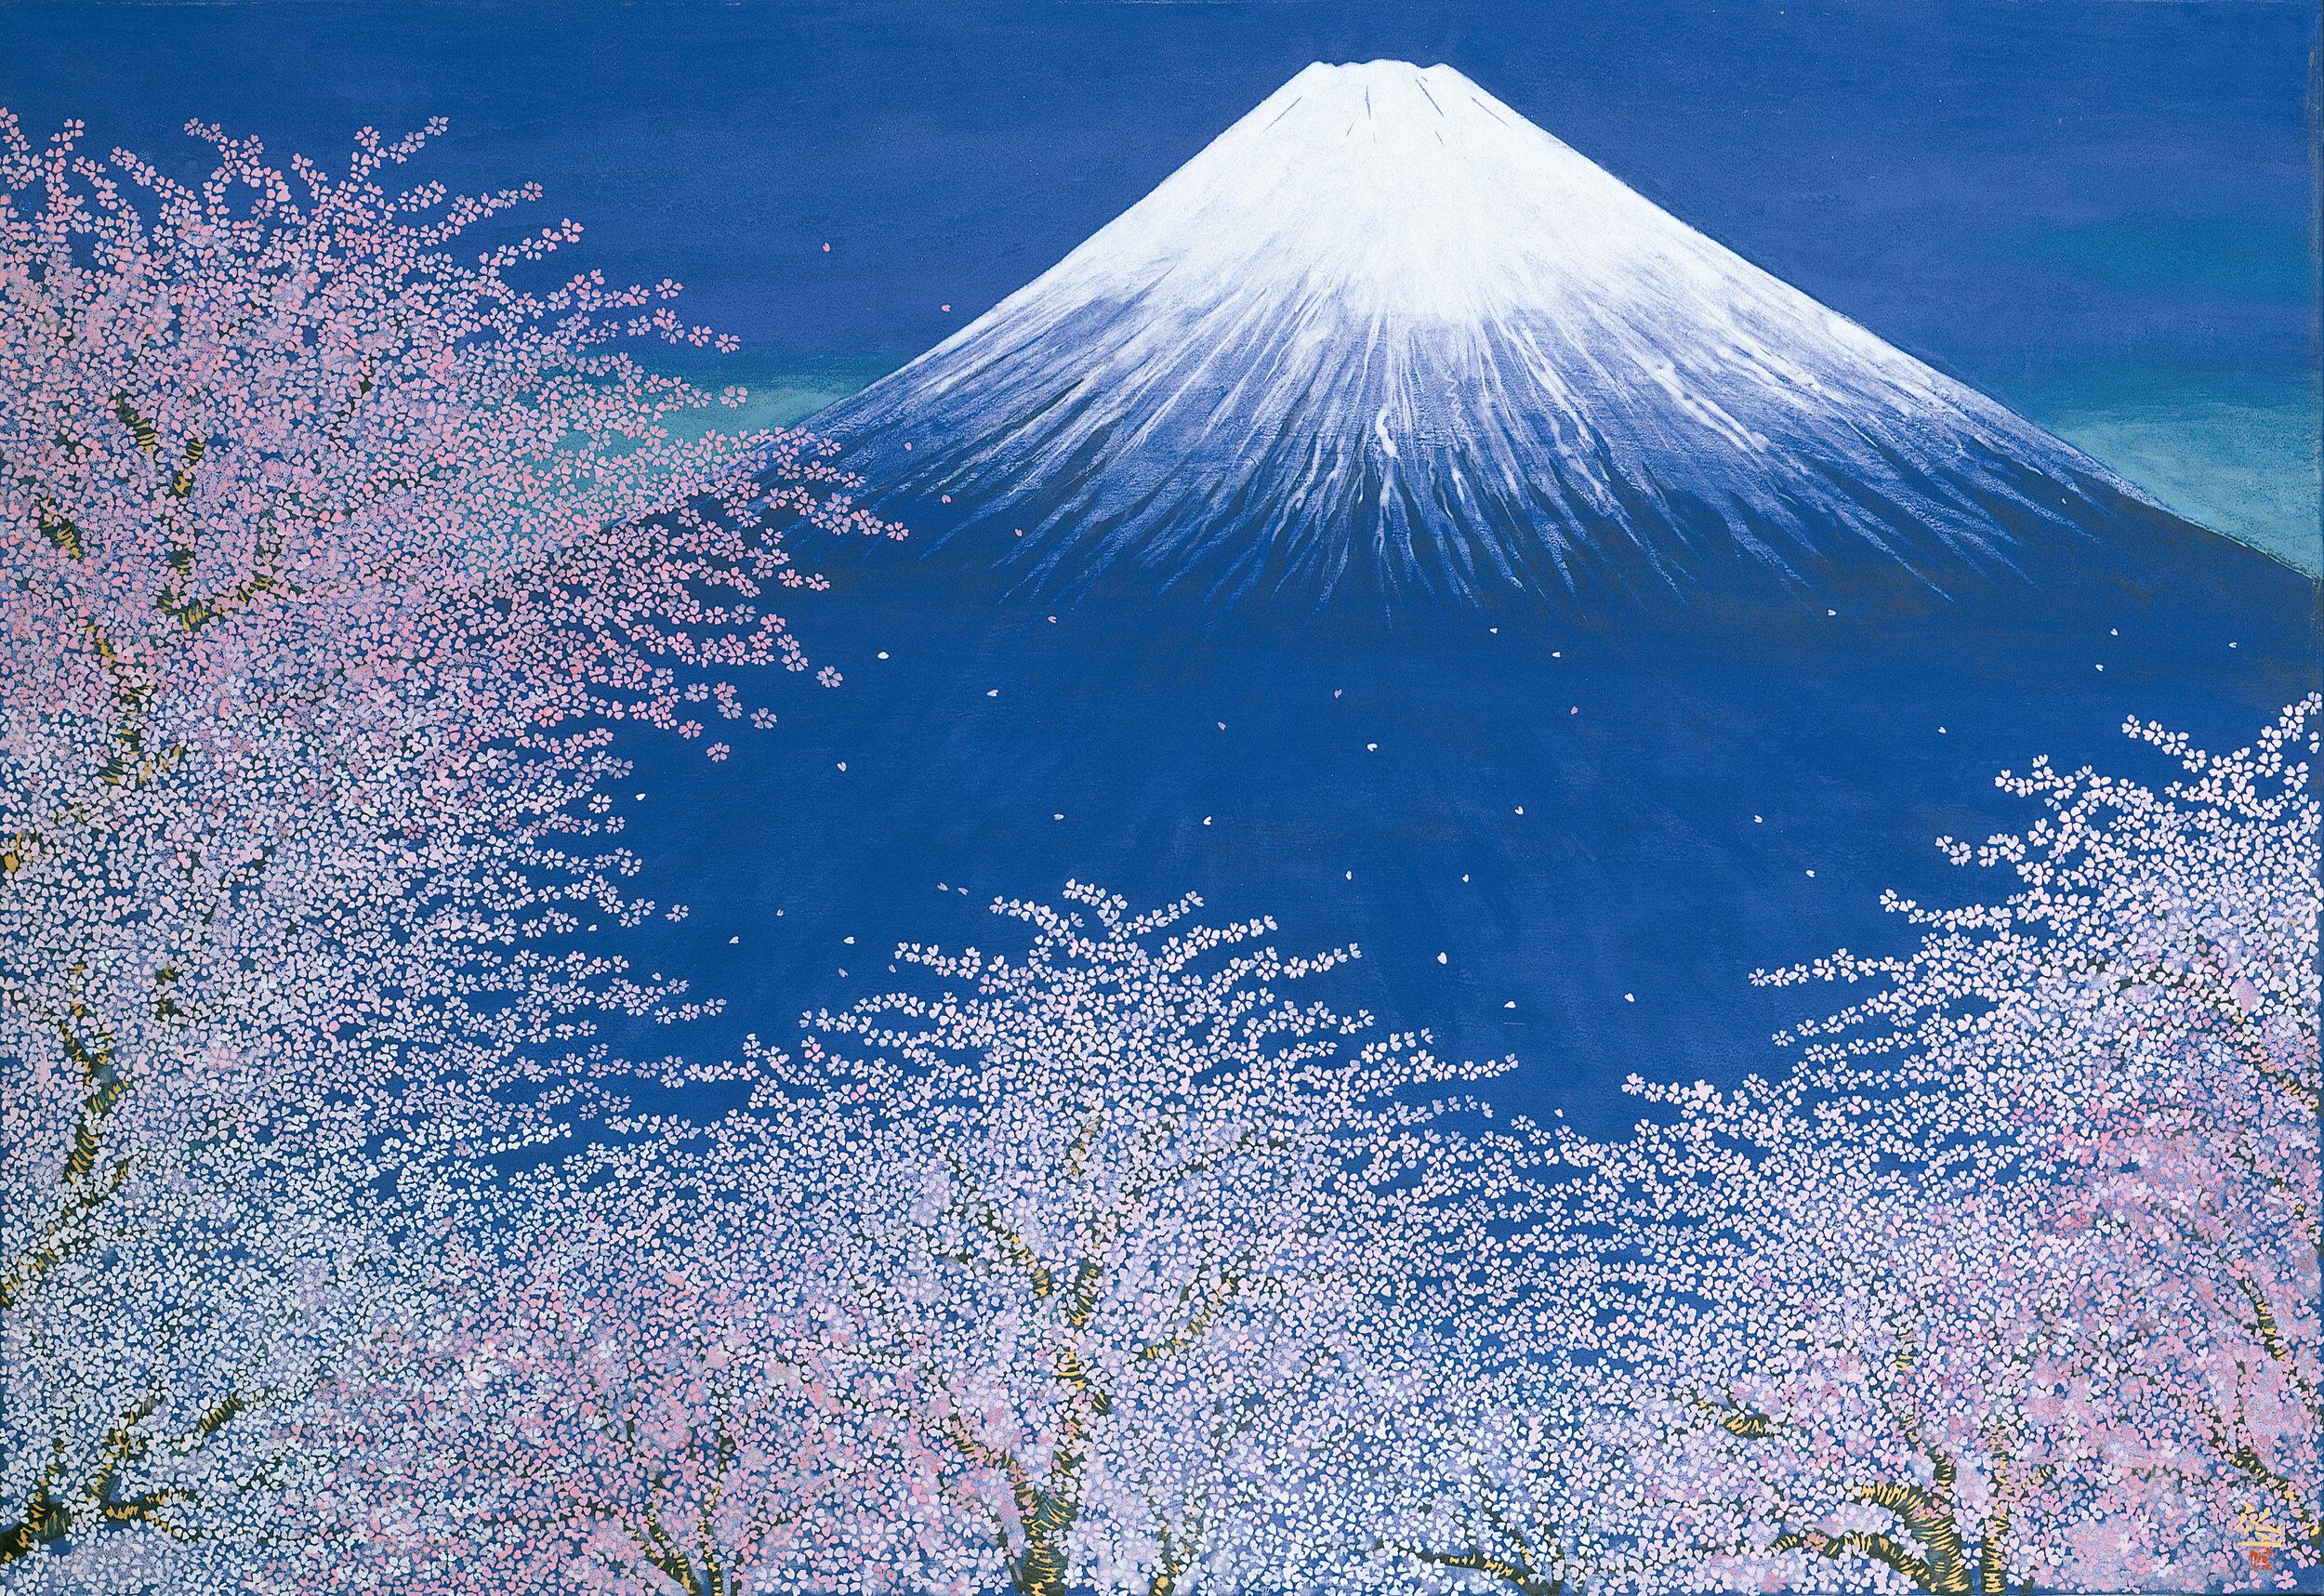 平松礼二《富士と桜図》2005